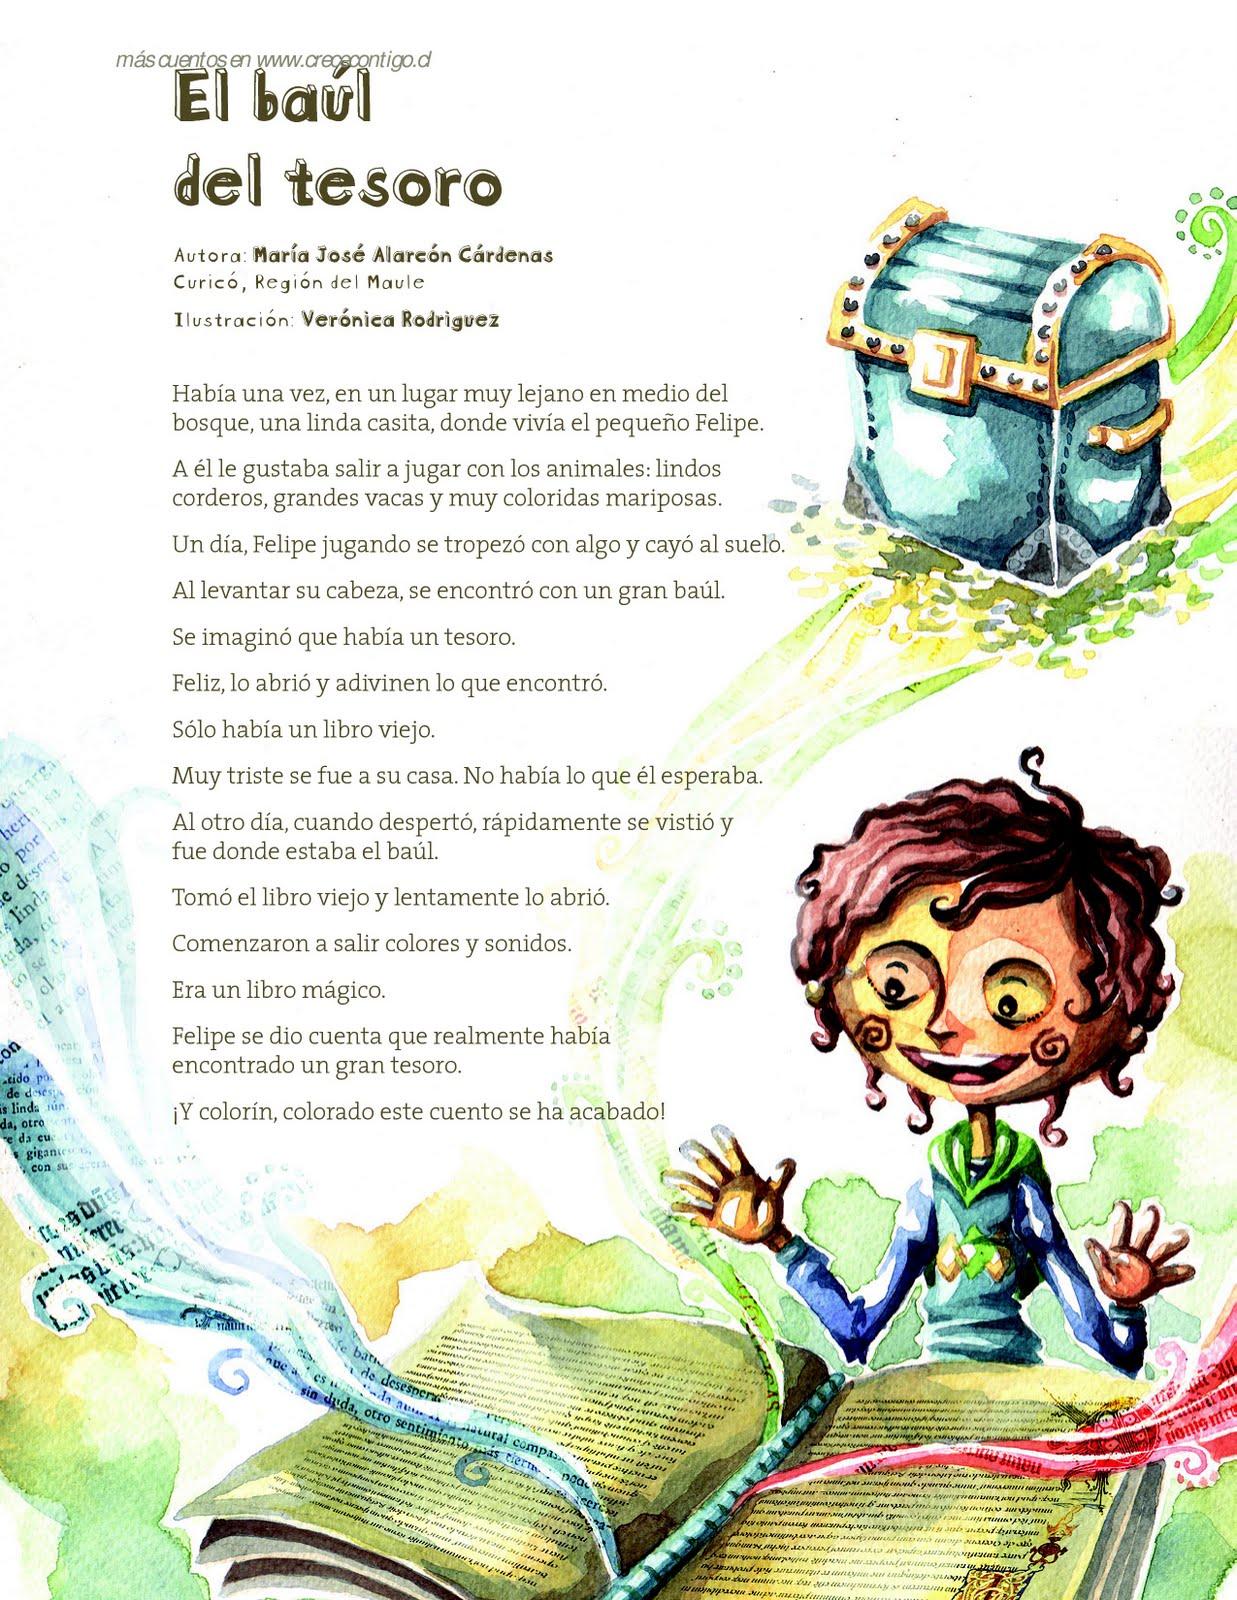 Selección de cuentos cortos infantiles para leer antes de dormir